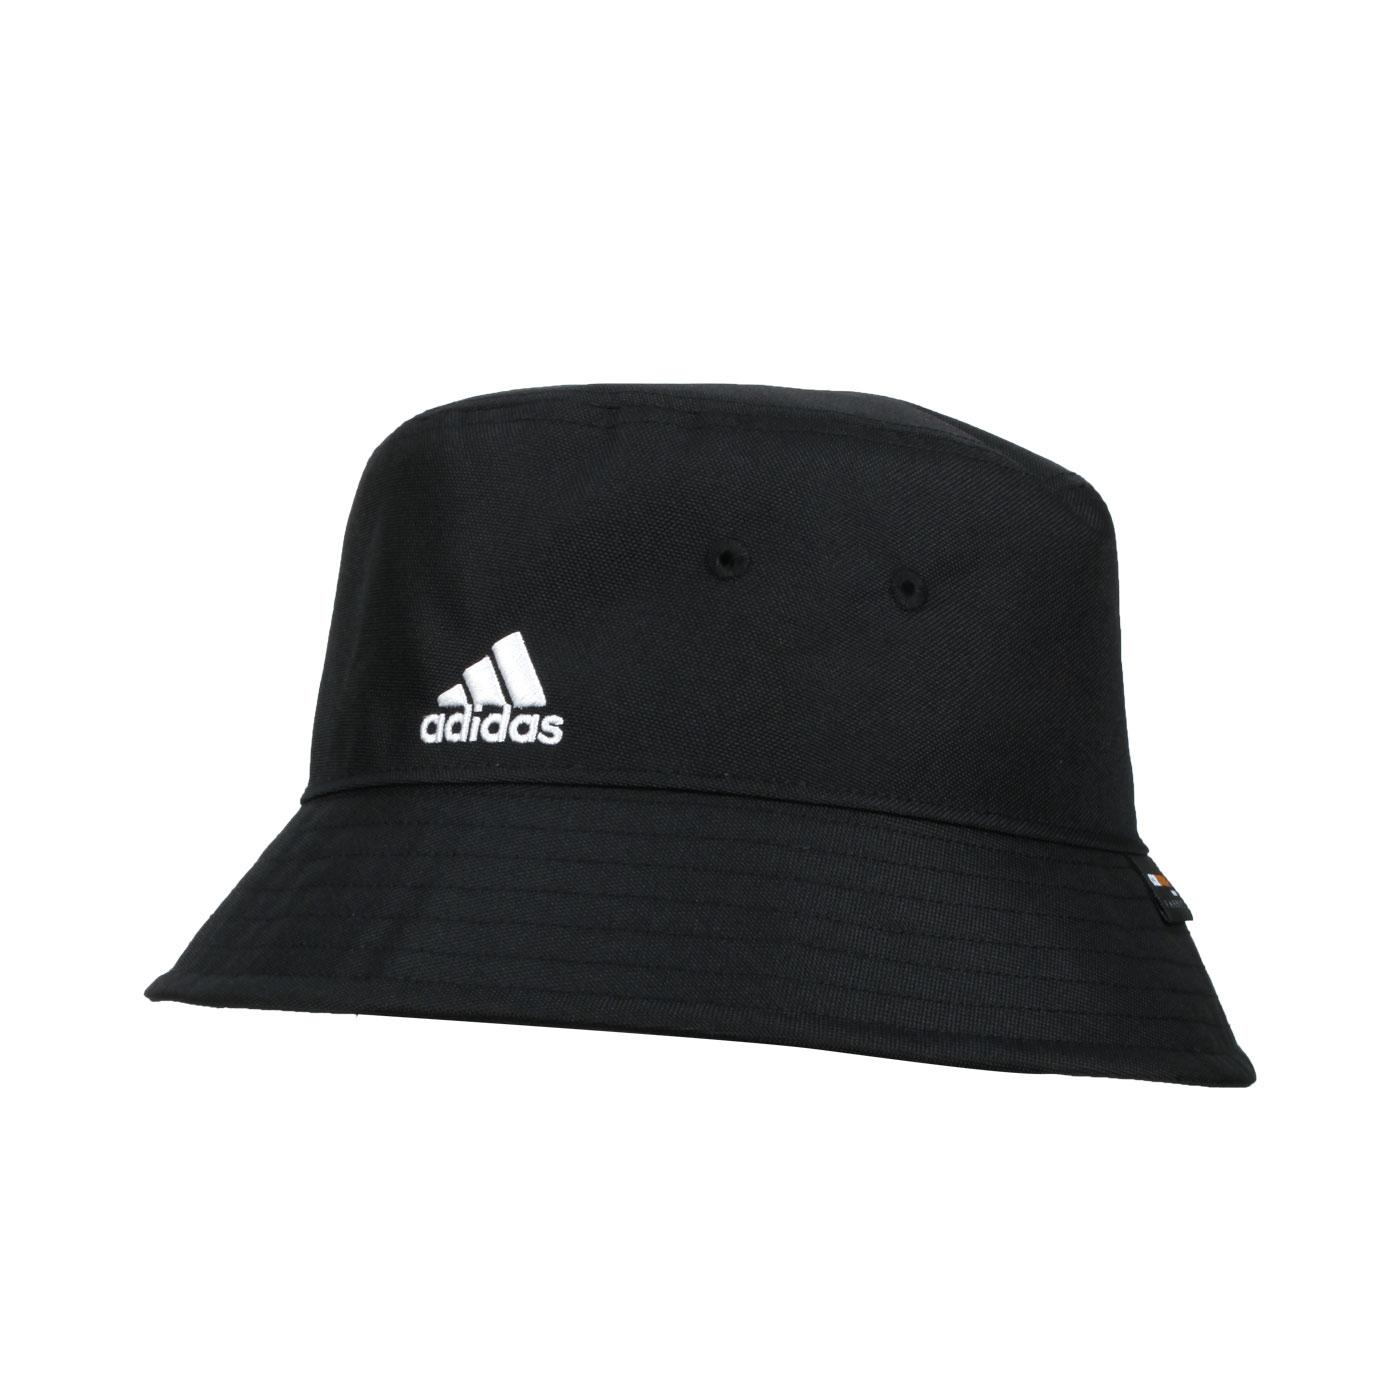 ADIDAS 漁夫帽 GV6547 - 黑白